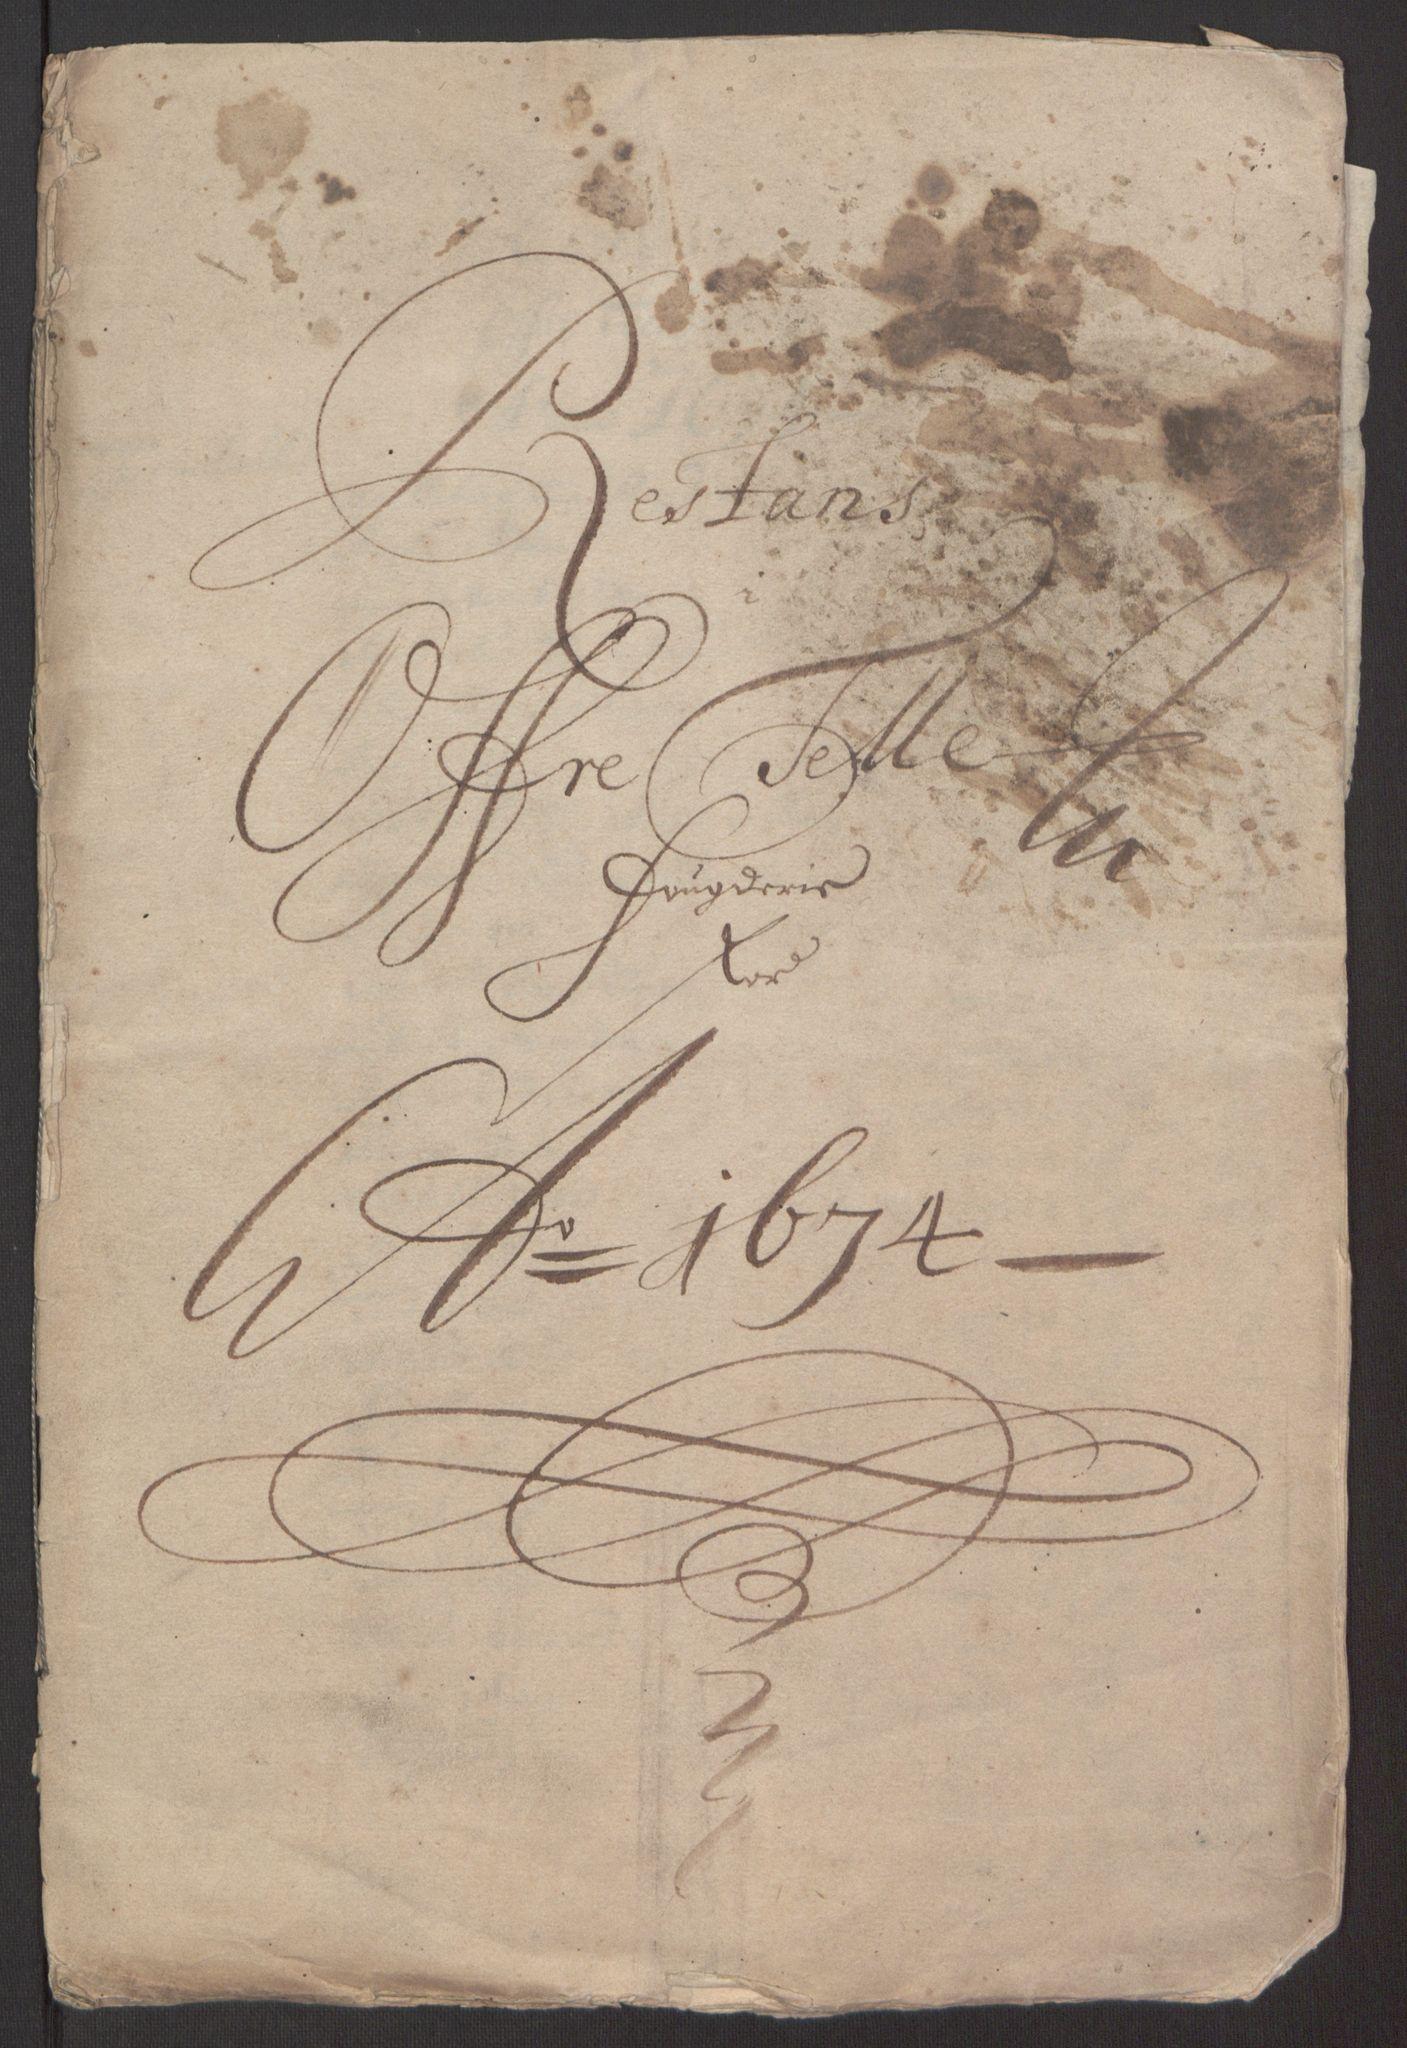 RA, Rentekammeret inntil 1814, Reviderte regnskaper, Fogderegnskap, R35/L2061: Fogderegnskap Øvre og Nedre Telemark, 1673-1674, s. 203